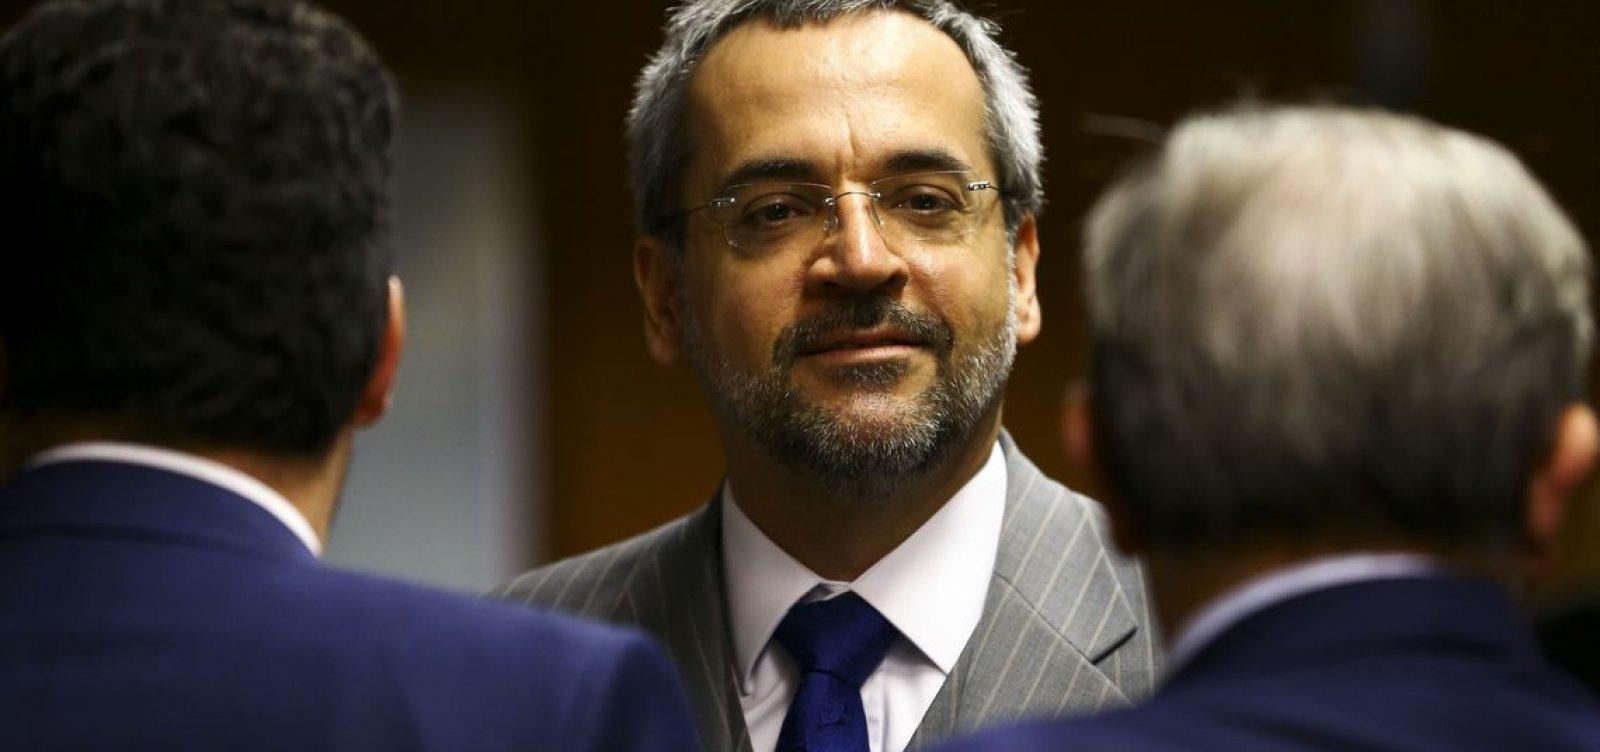 Ministro da Educação diz ser favorável à entrada da polícia nas universidades